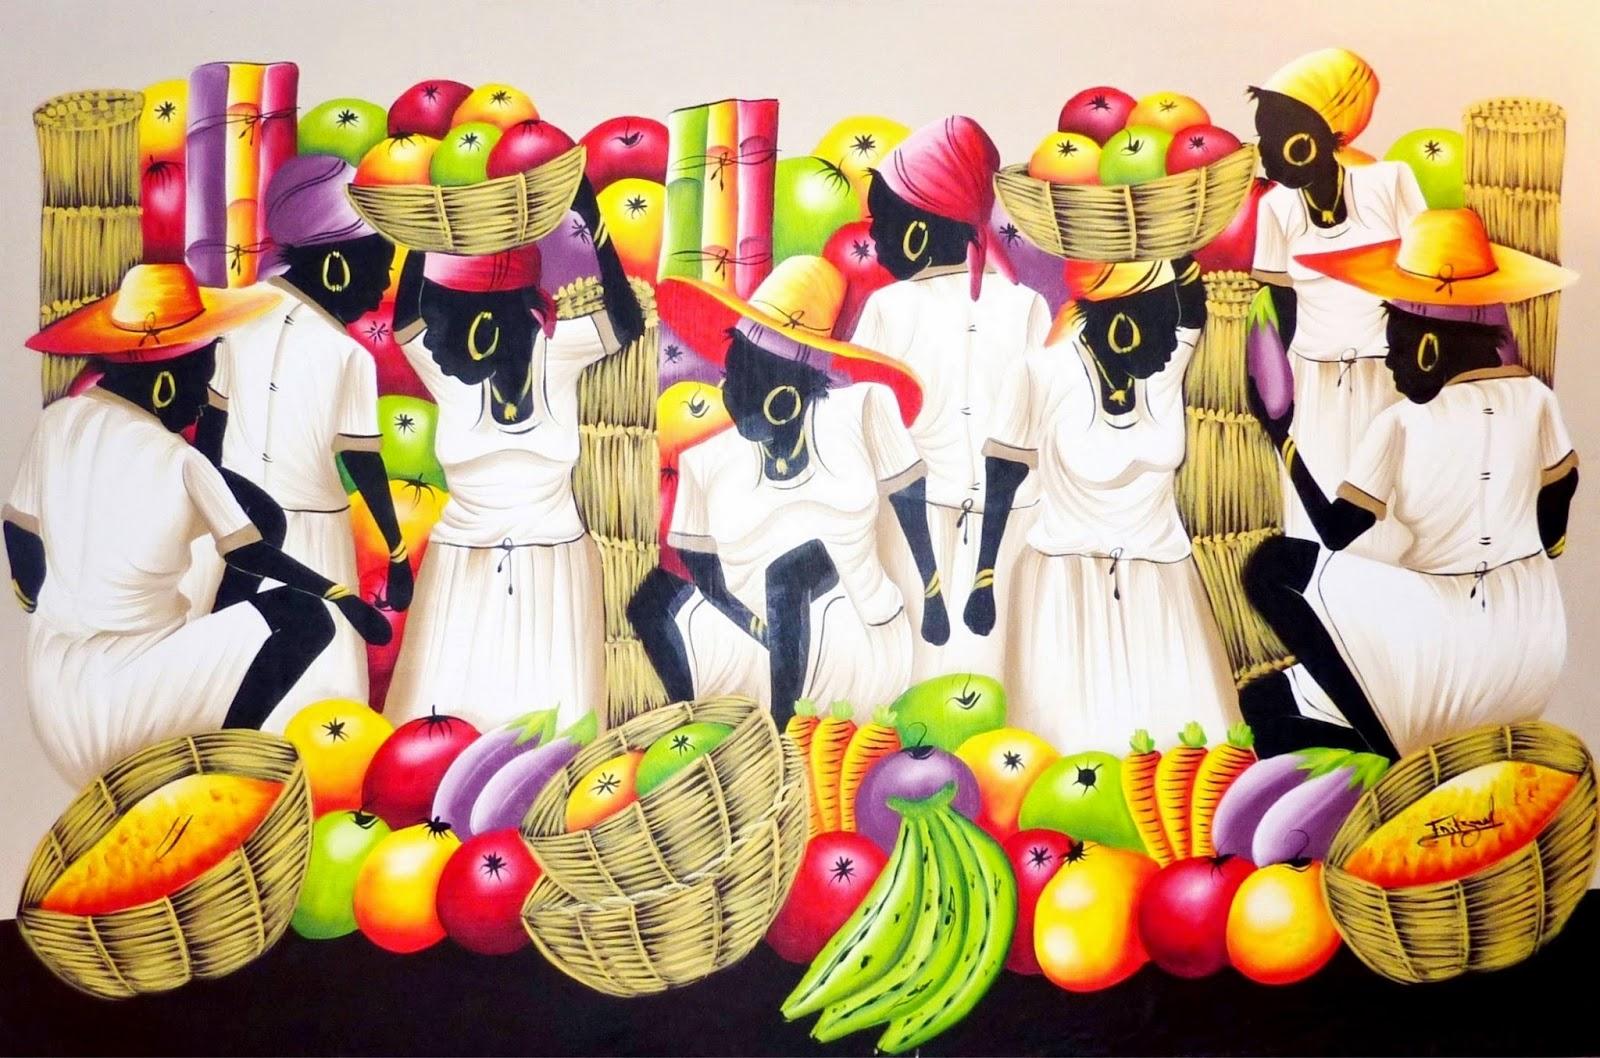 pinturas-de-estilo-africanos-moderno